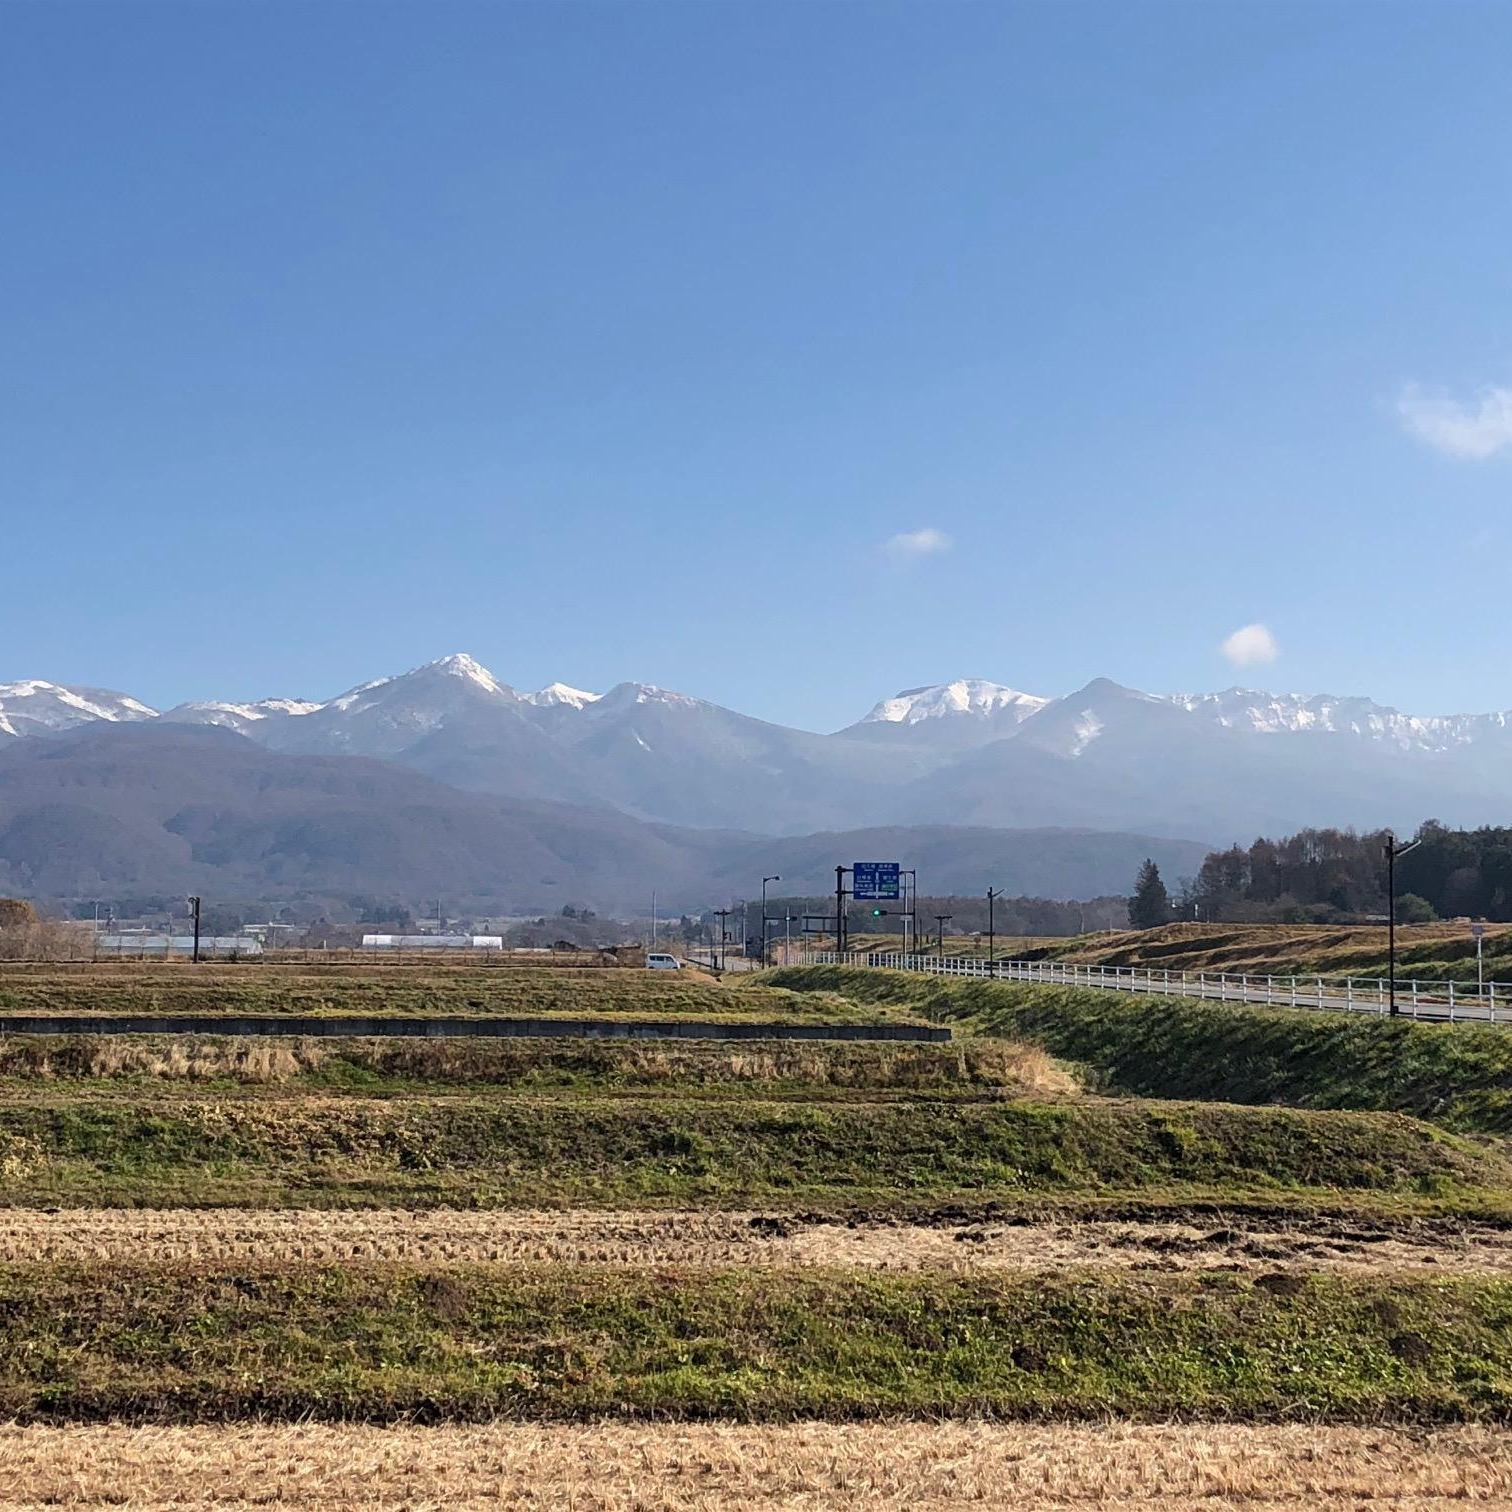 八ヶ岳も少しづづ雪化粧に覆われてきています・・